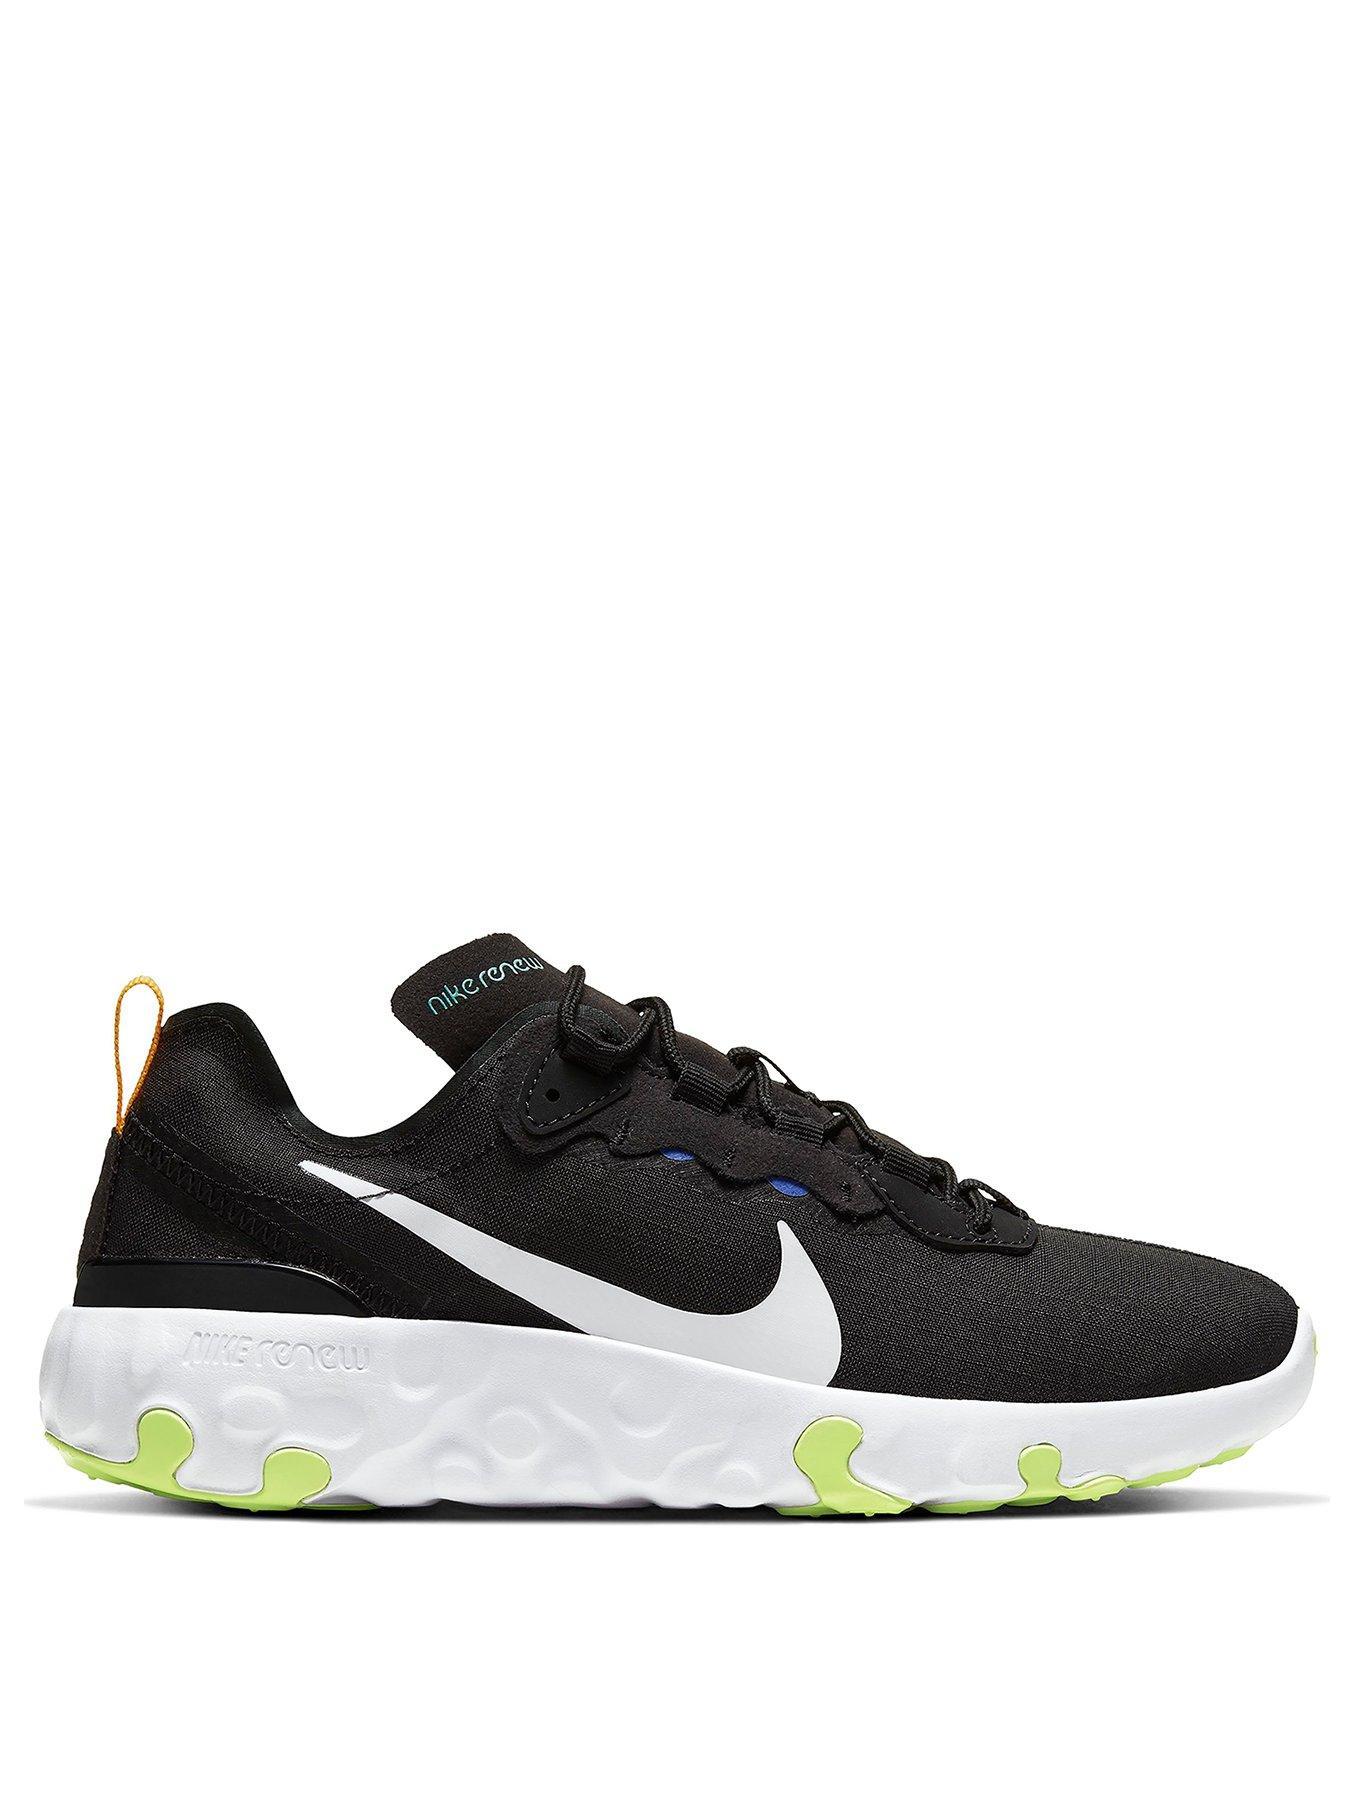 Nike | Junior footwear (sizes 3-6